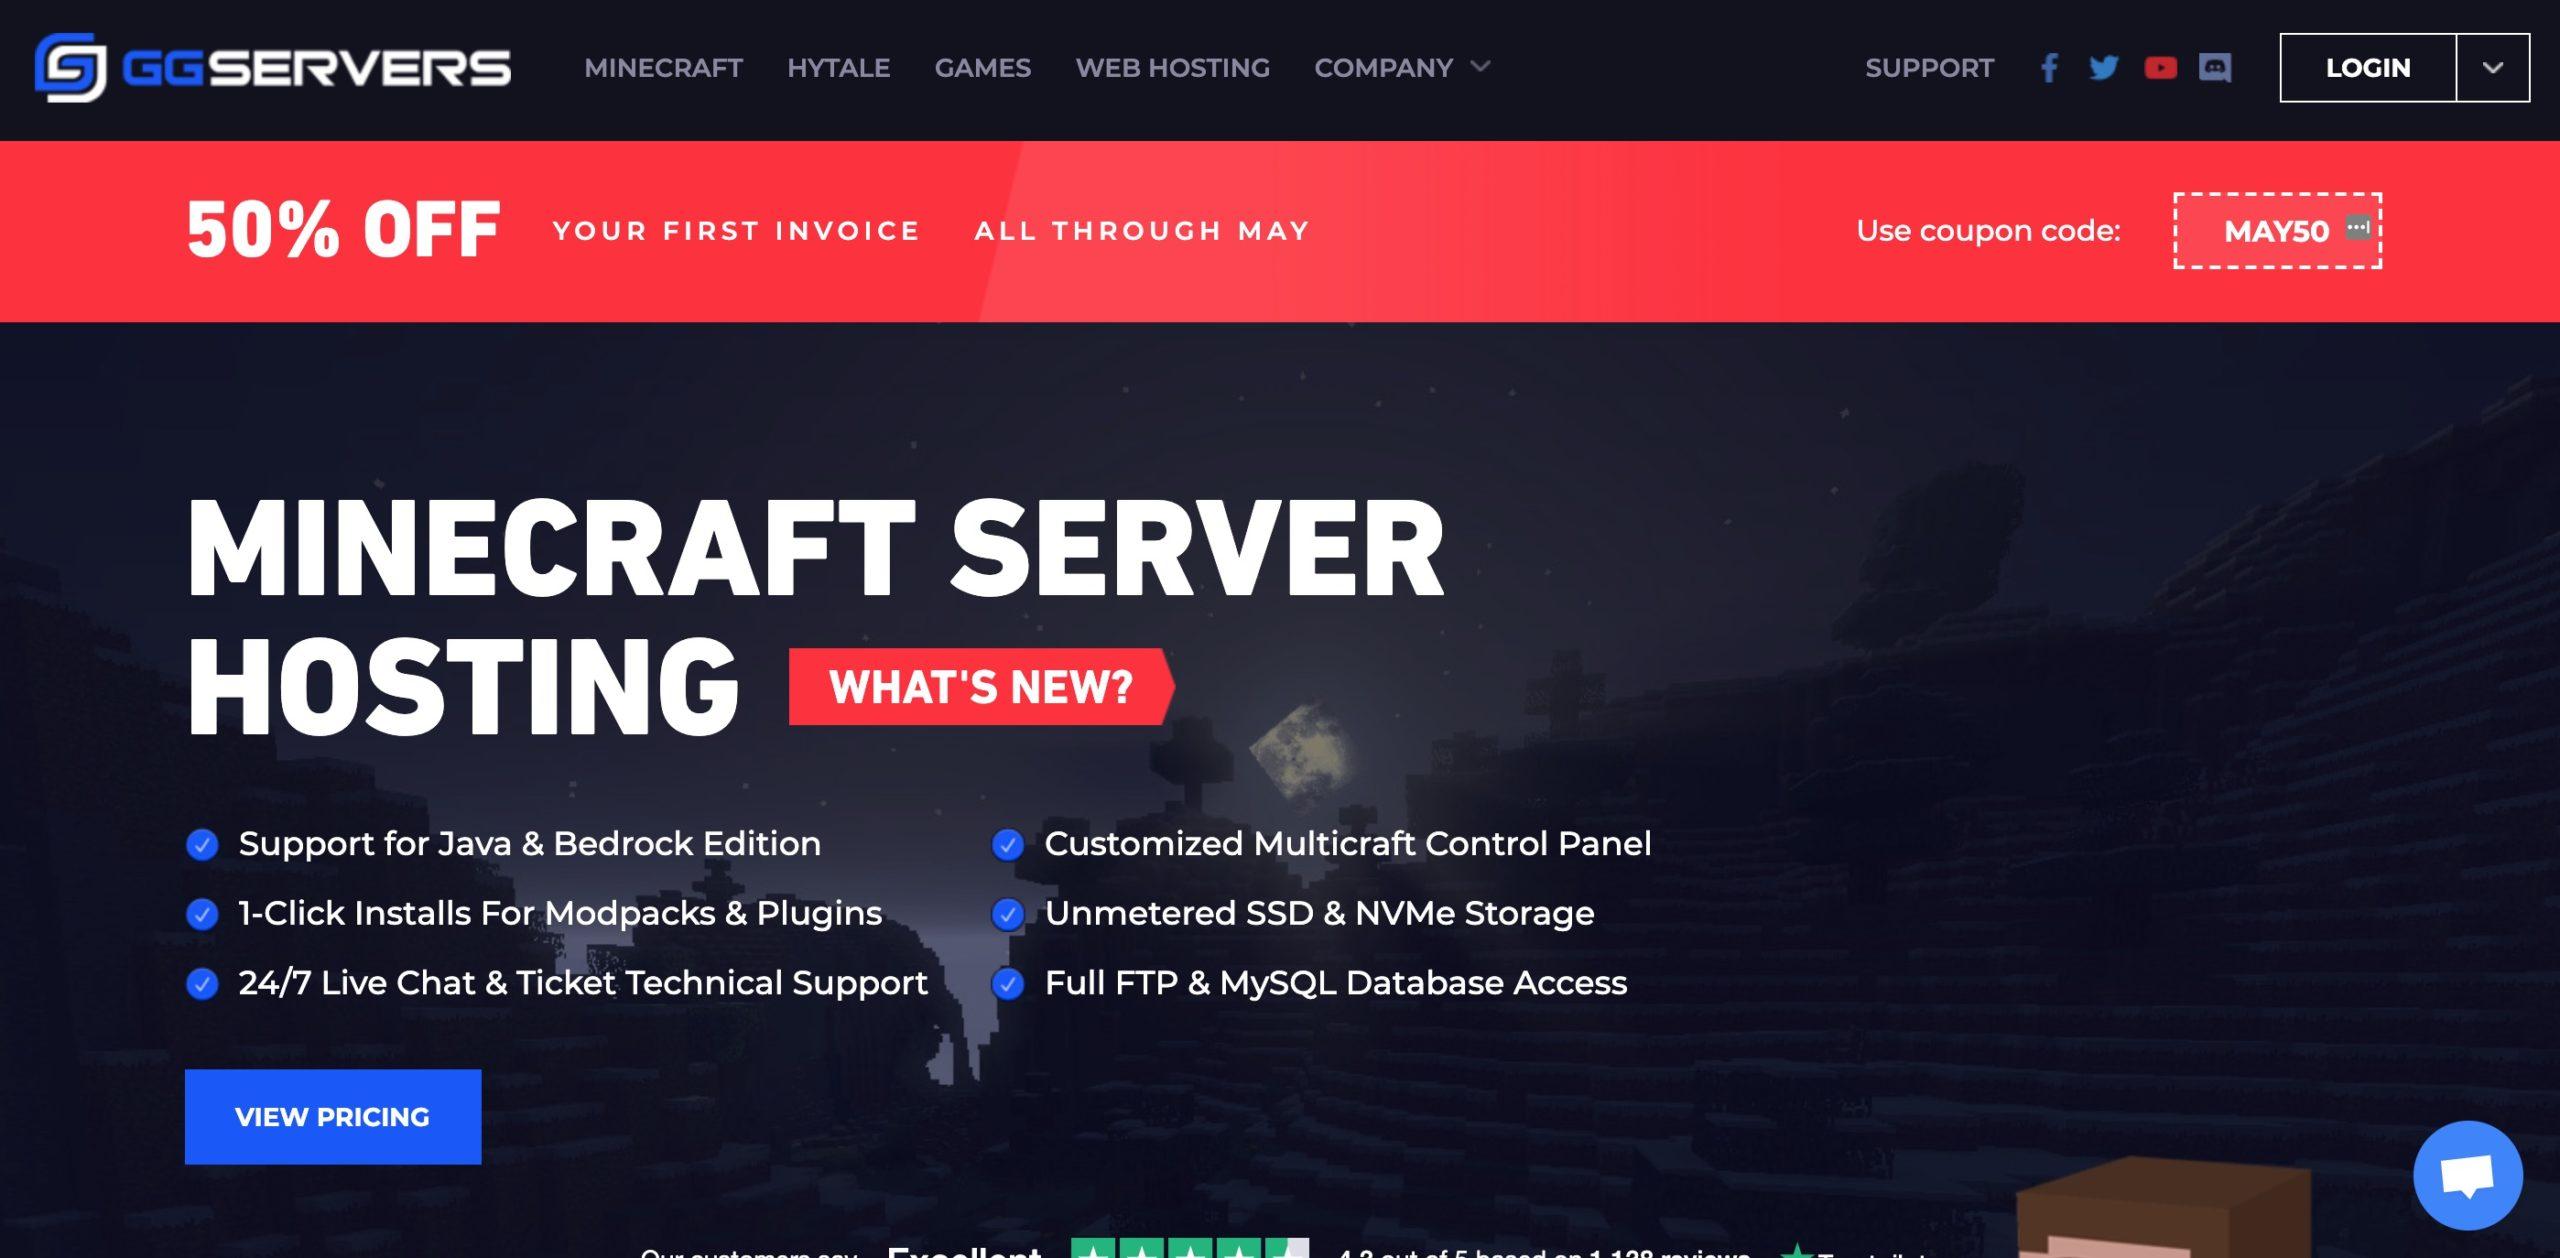 Hébergement de serveurs Minecraft: ggservers